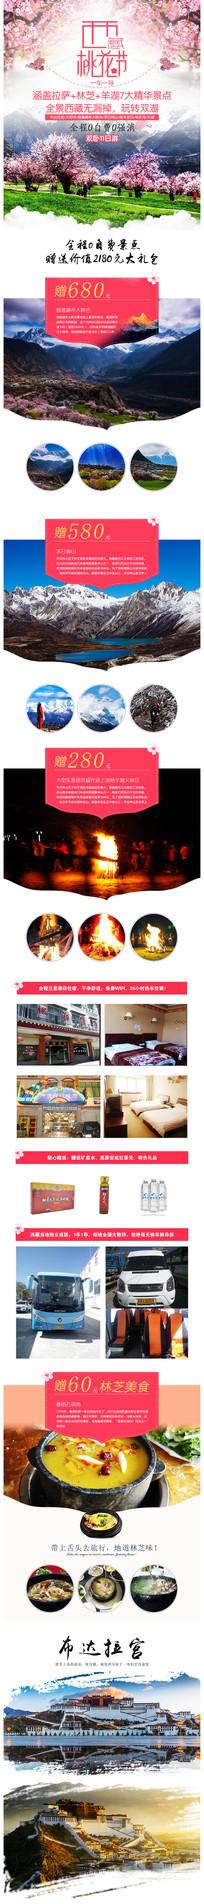 西藏桃花节旅游详情页模板 PSD